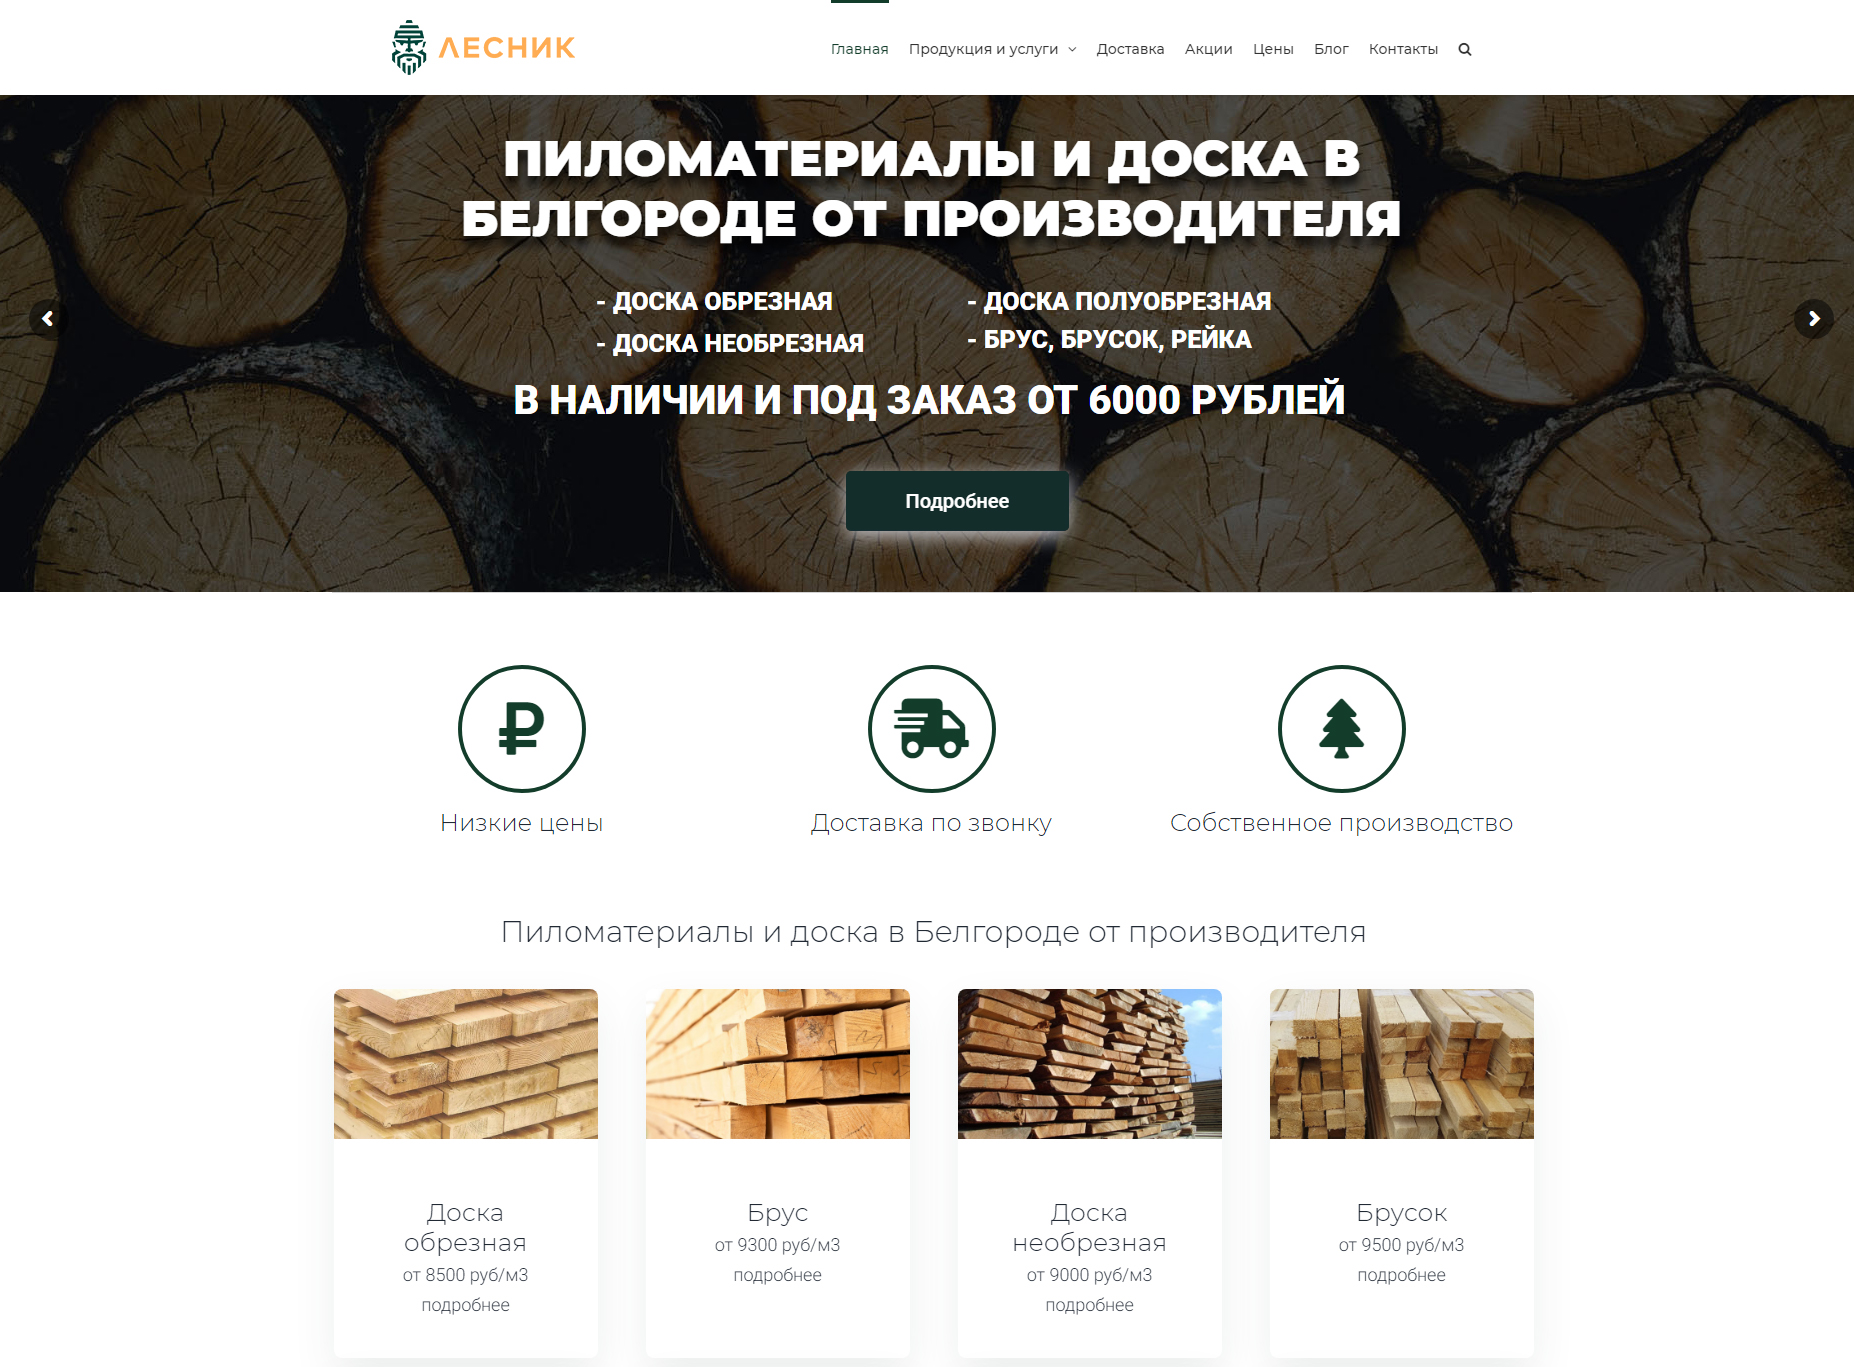 Пиломатериалы и доска в Белгороде от производителя Лесник - главная страница